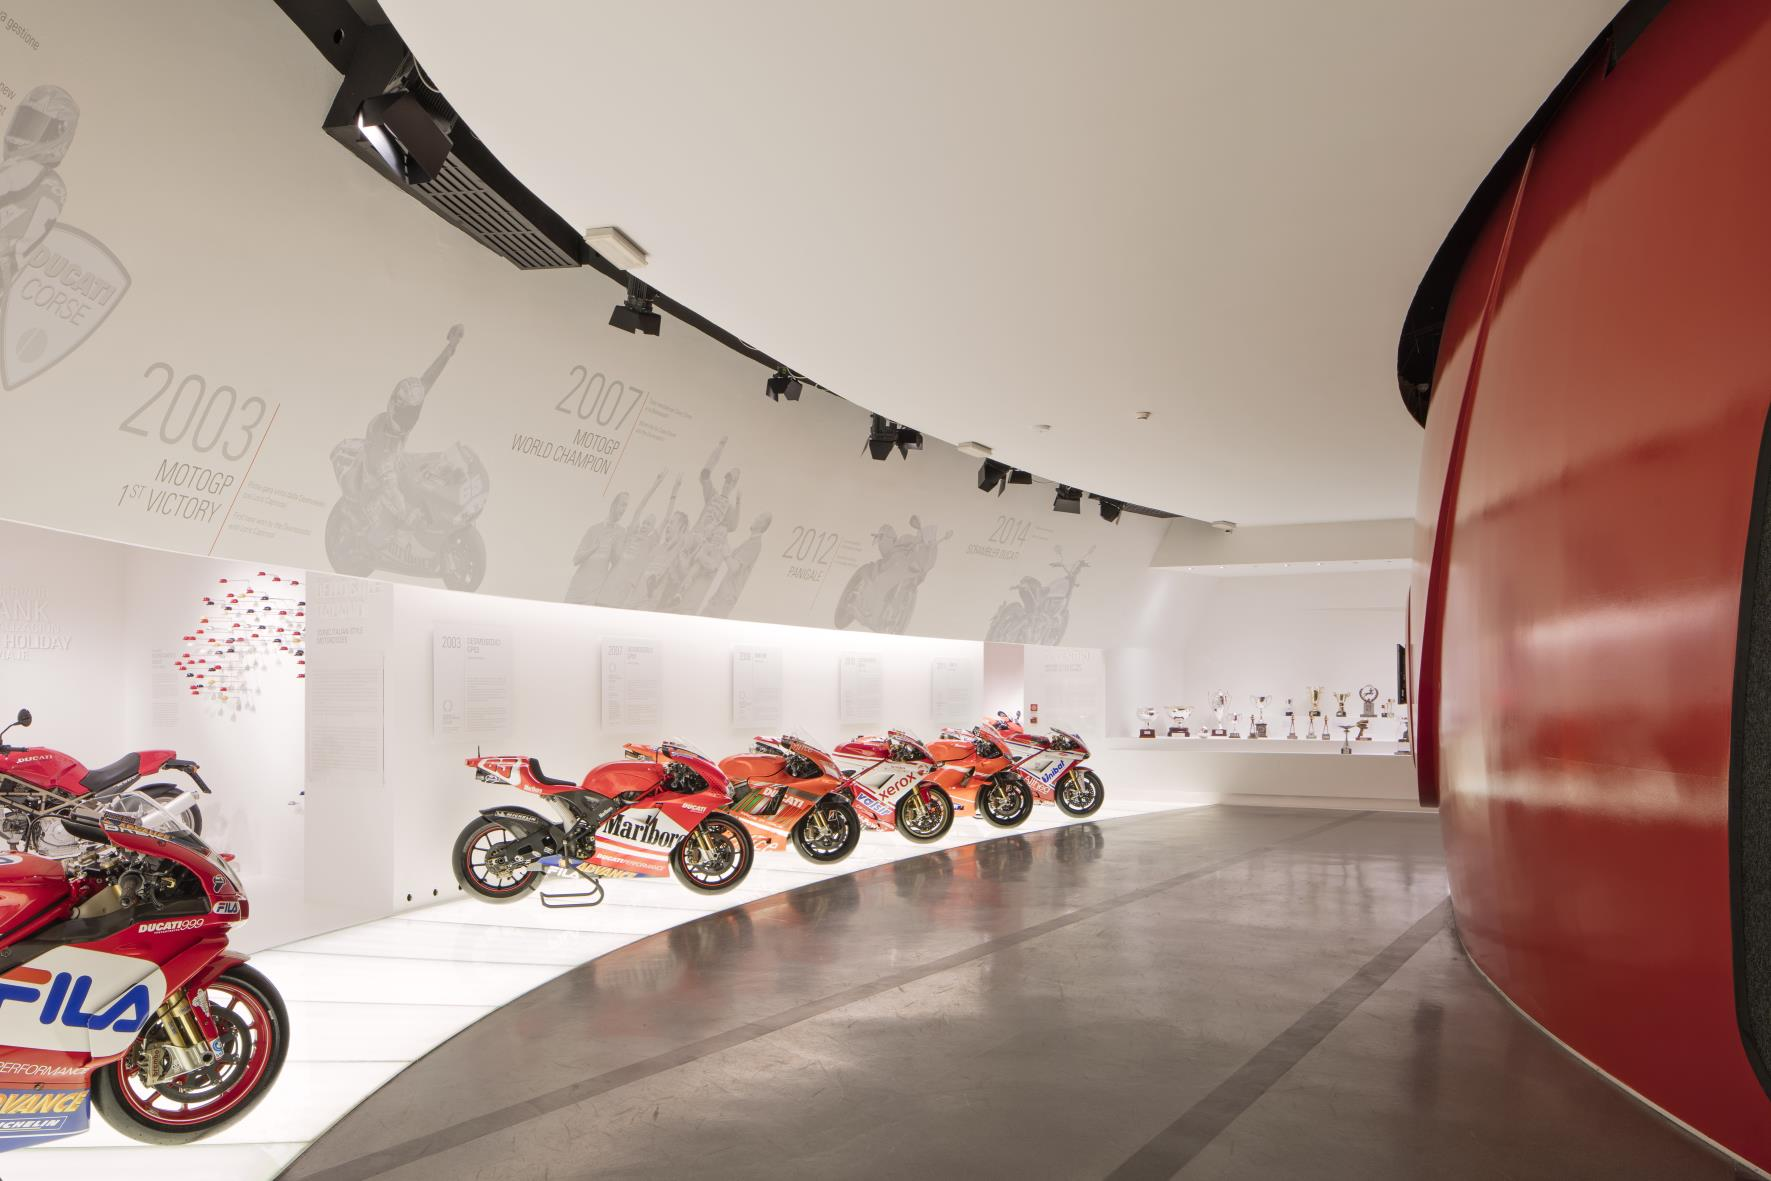 1383915_Ducati_Museum_-_06_Racing_Room